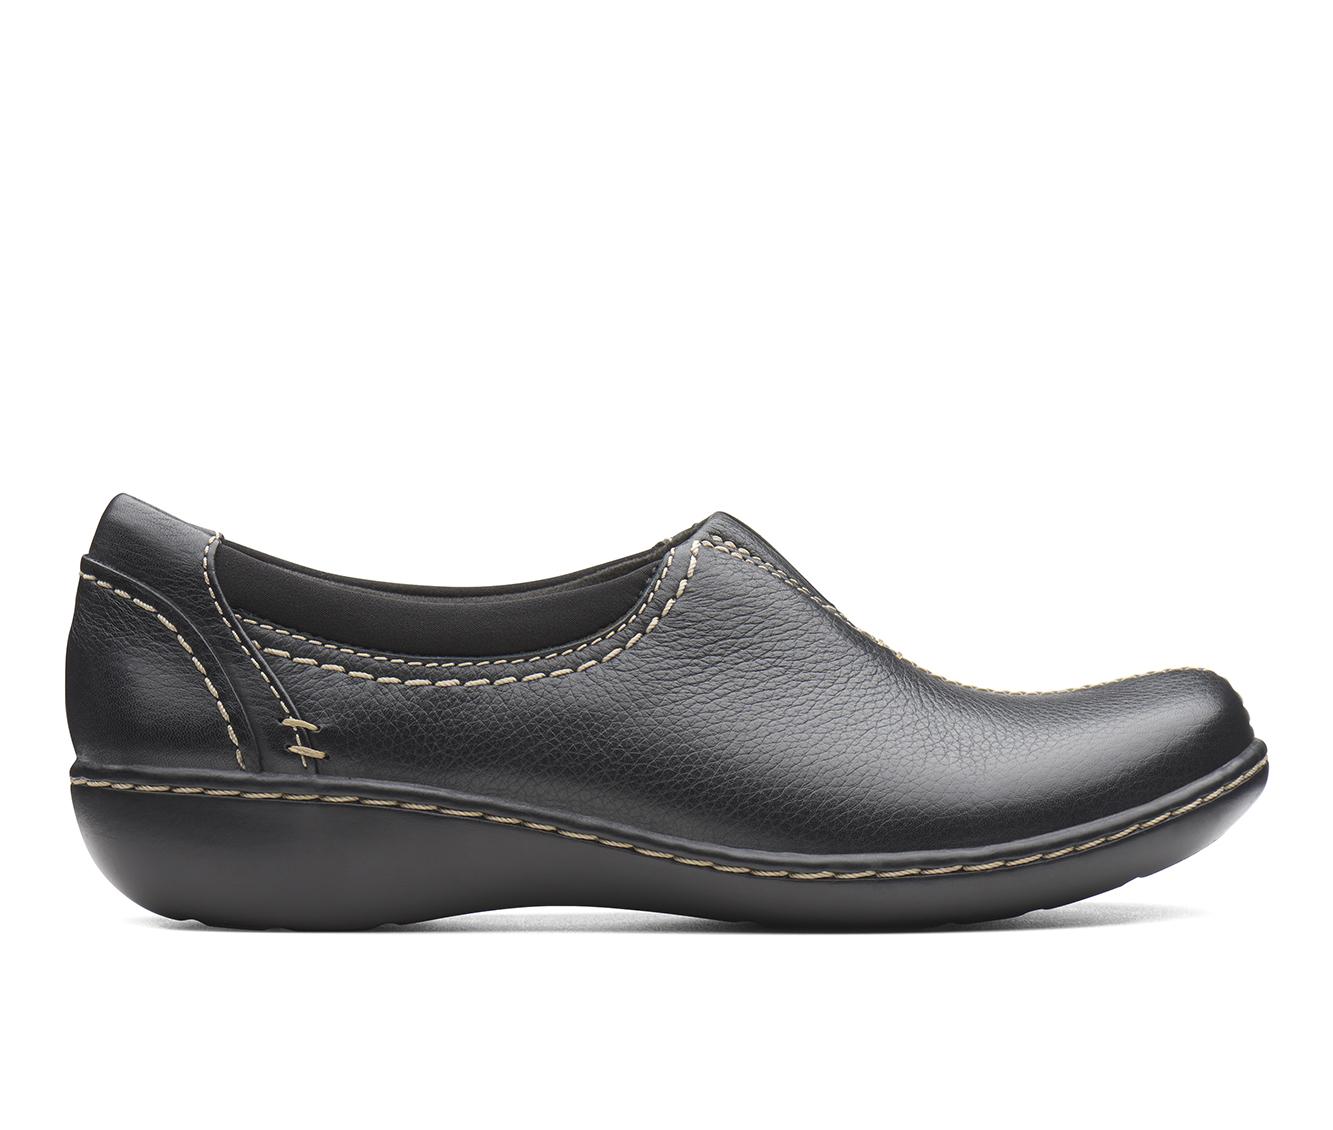 Clarks Ashland Joy Women's Shoe (Black Leather)